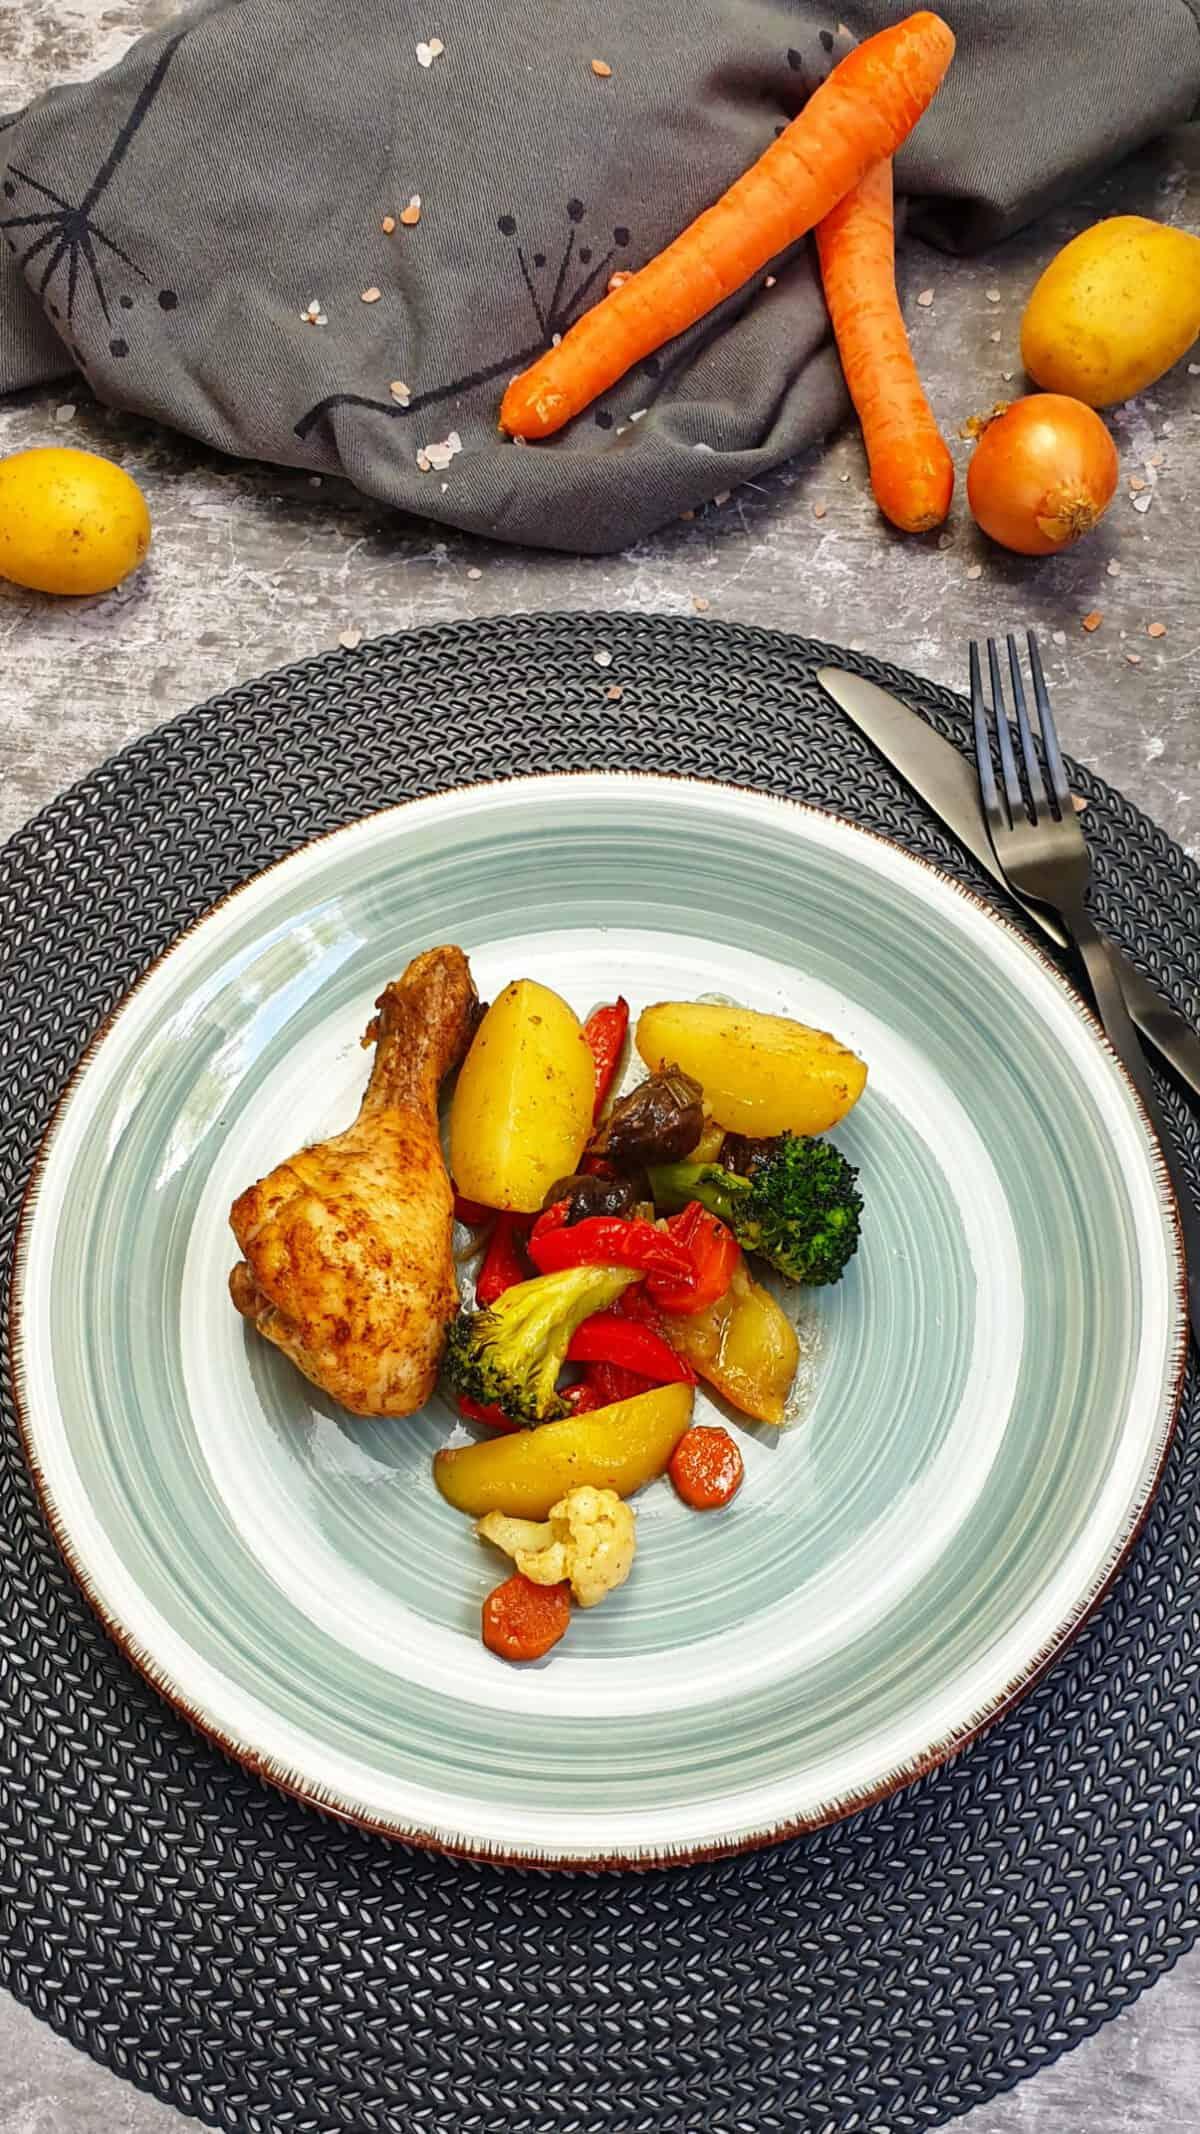 Auf einem türkisfarbenen Teller ein Hähnchenschenkel mit buntem Gemüse und Kartoffeln aus dem Ofen. Im Hintergrund Deko.